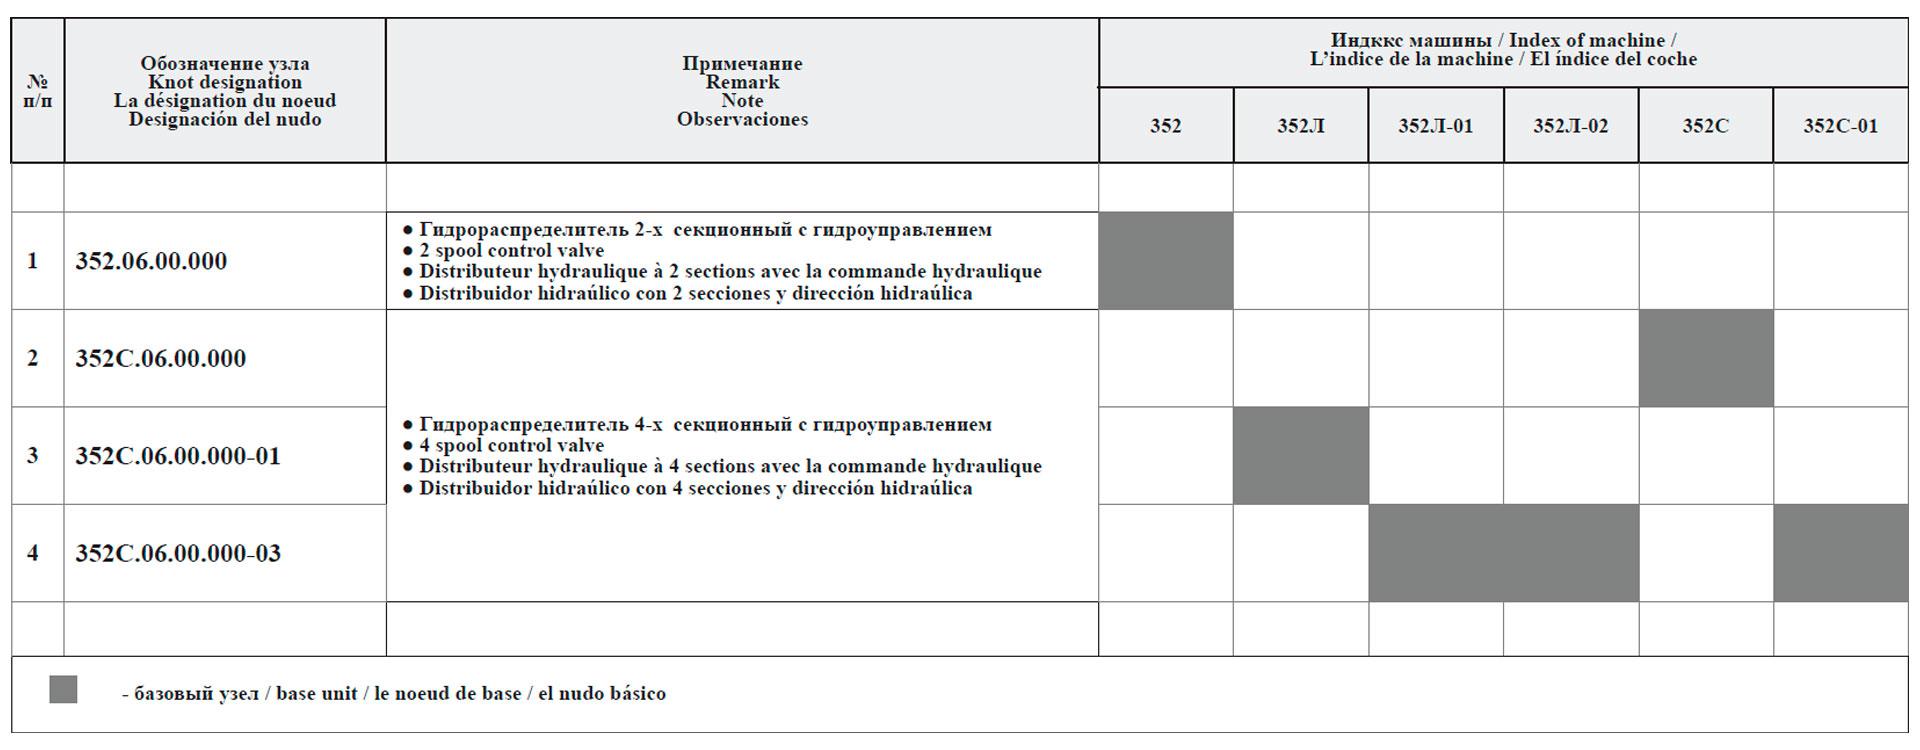 Сводная таблица гидросистем погрузочного оборудования для машин грузоподъемностью 5 т